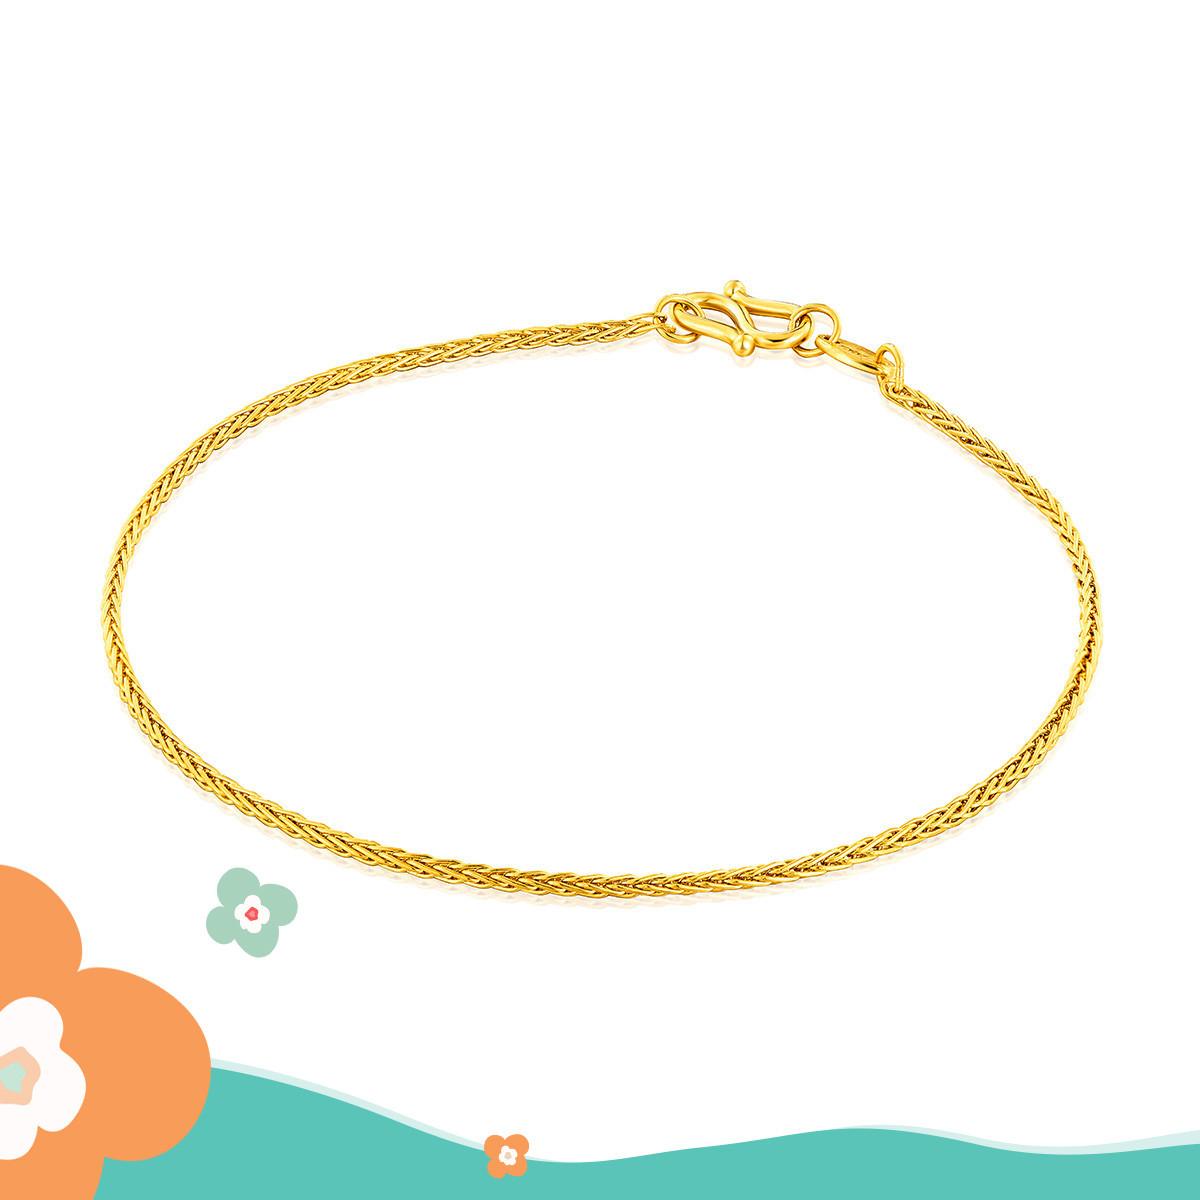 六福珠宝六福珠宝 足金百搭款肖邦黄金手链(计价)B01TBGB0014